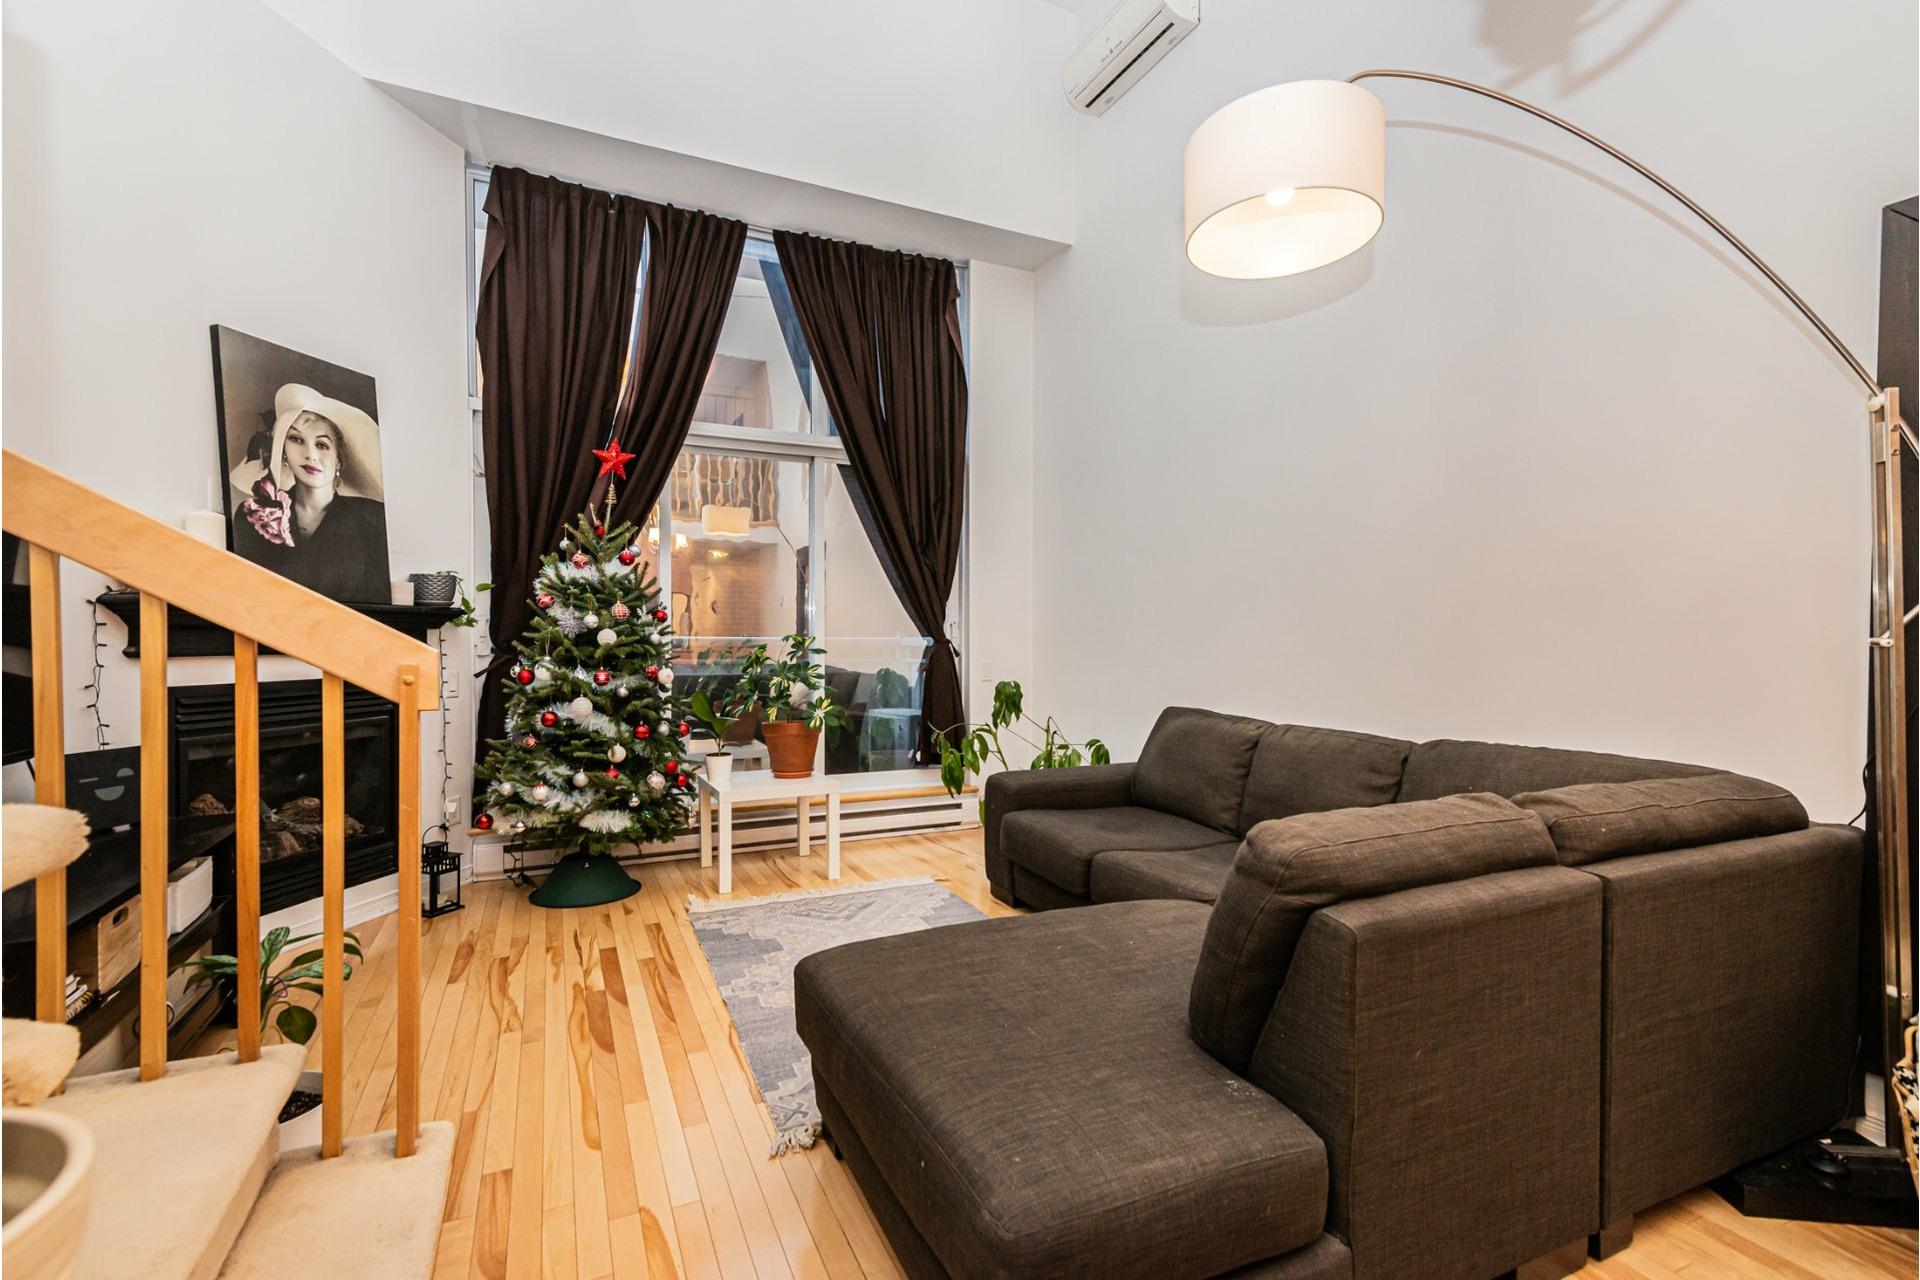 image 4 - Appartement À vendre Lachine Montréal  - 5 pièces